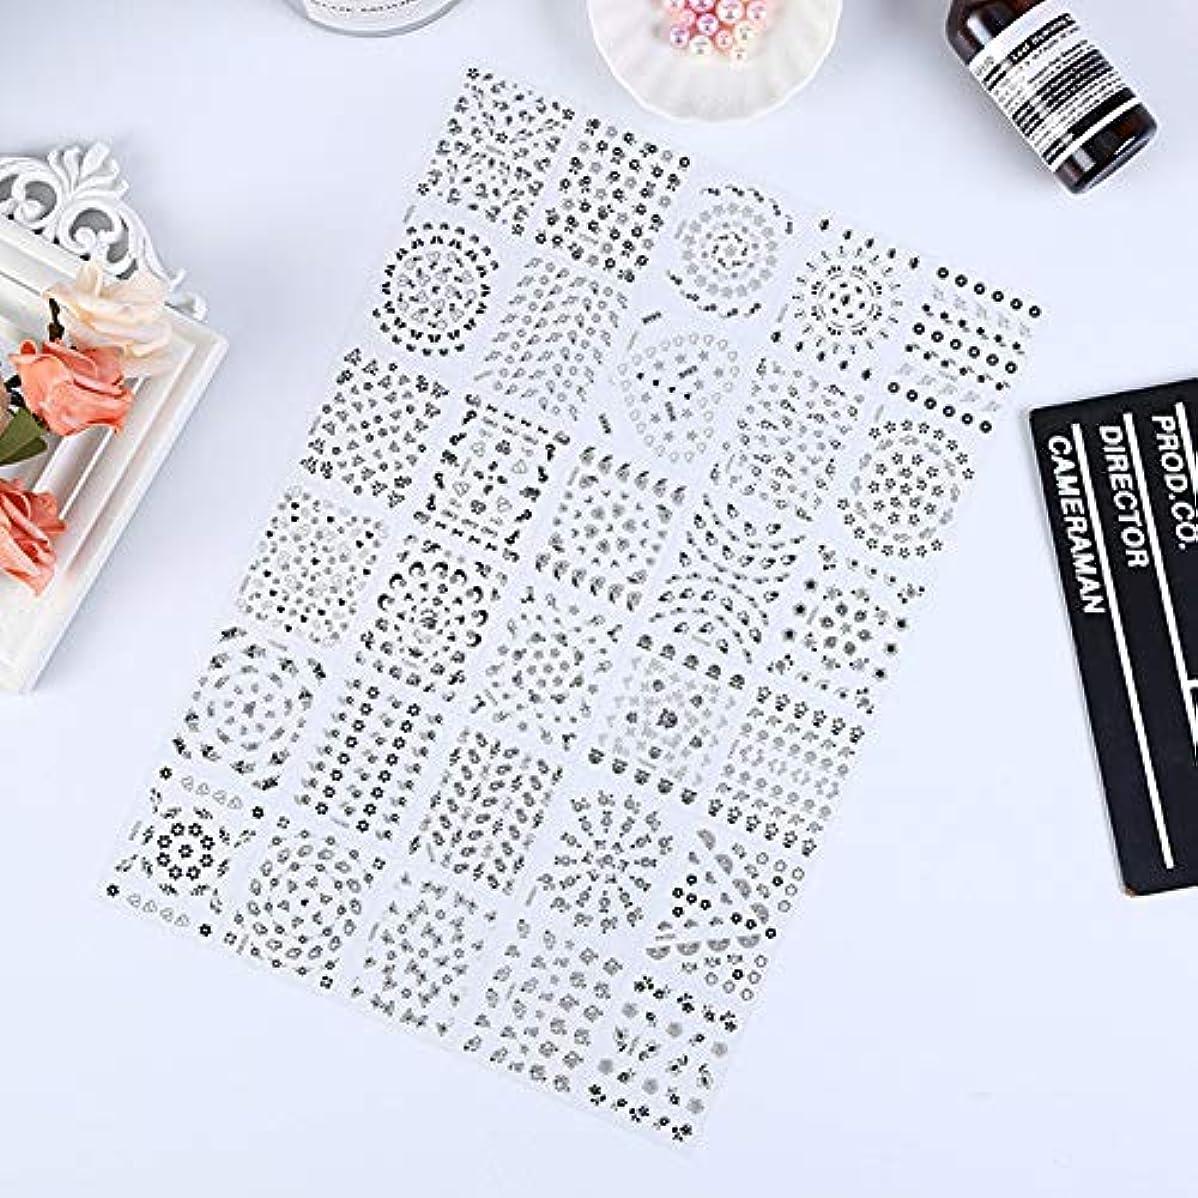 小数虎バーベキューMurakush ネイルステッカー 10個 3D 透明 ボトムフラワーシリーズ 黒と白 高級感 欧米風 ネイルステッカーデコレーション 10 black flowers